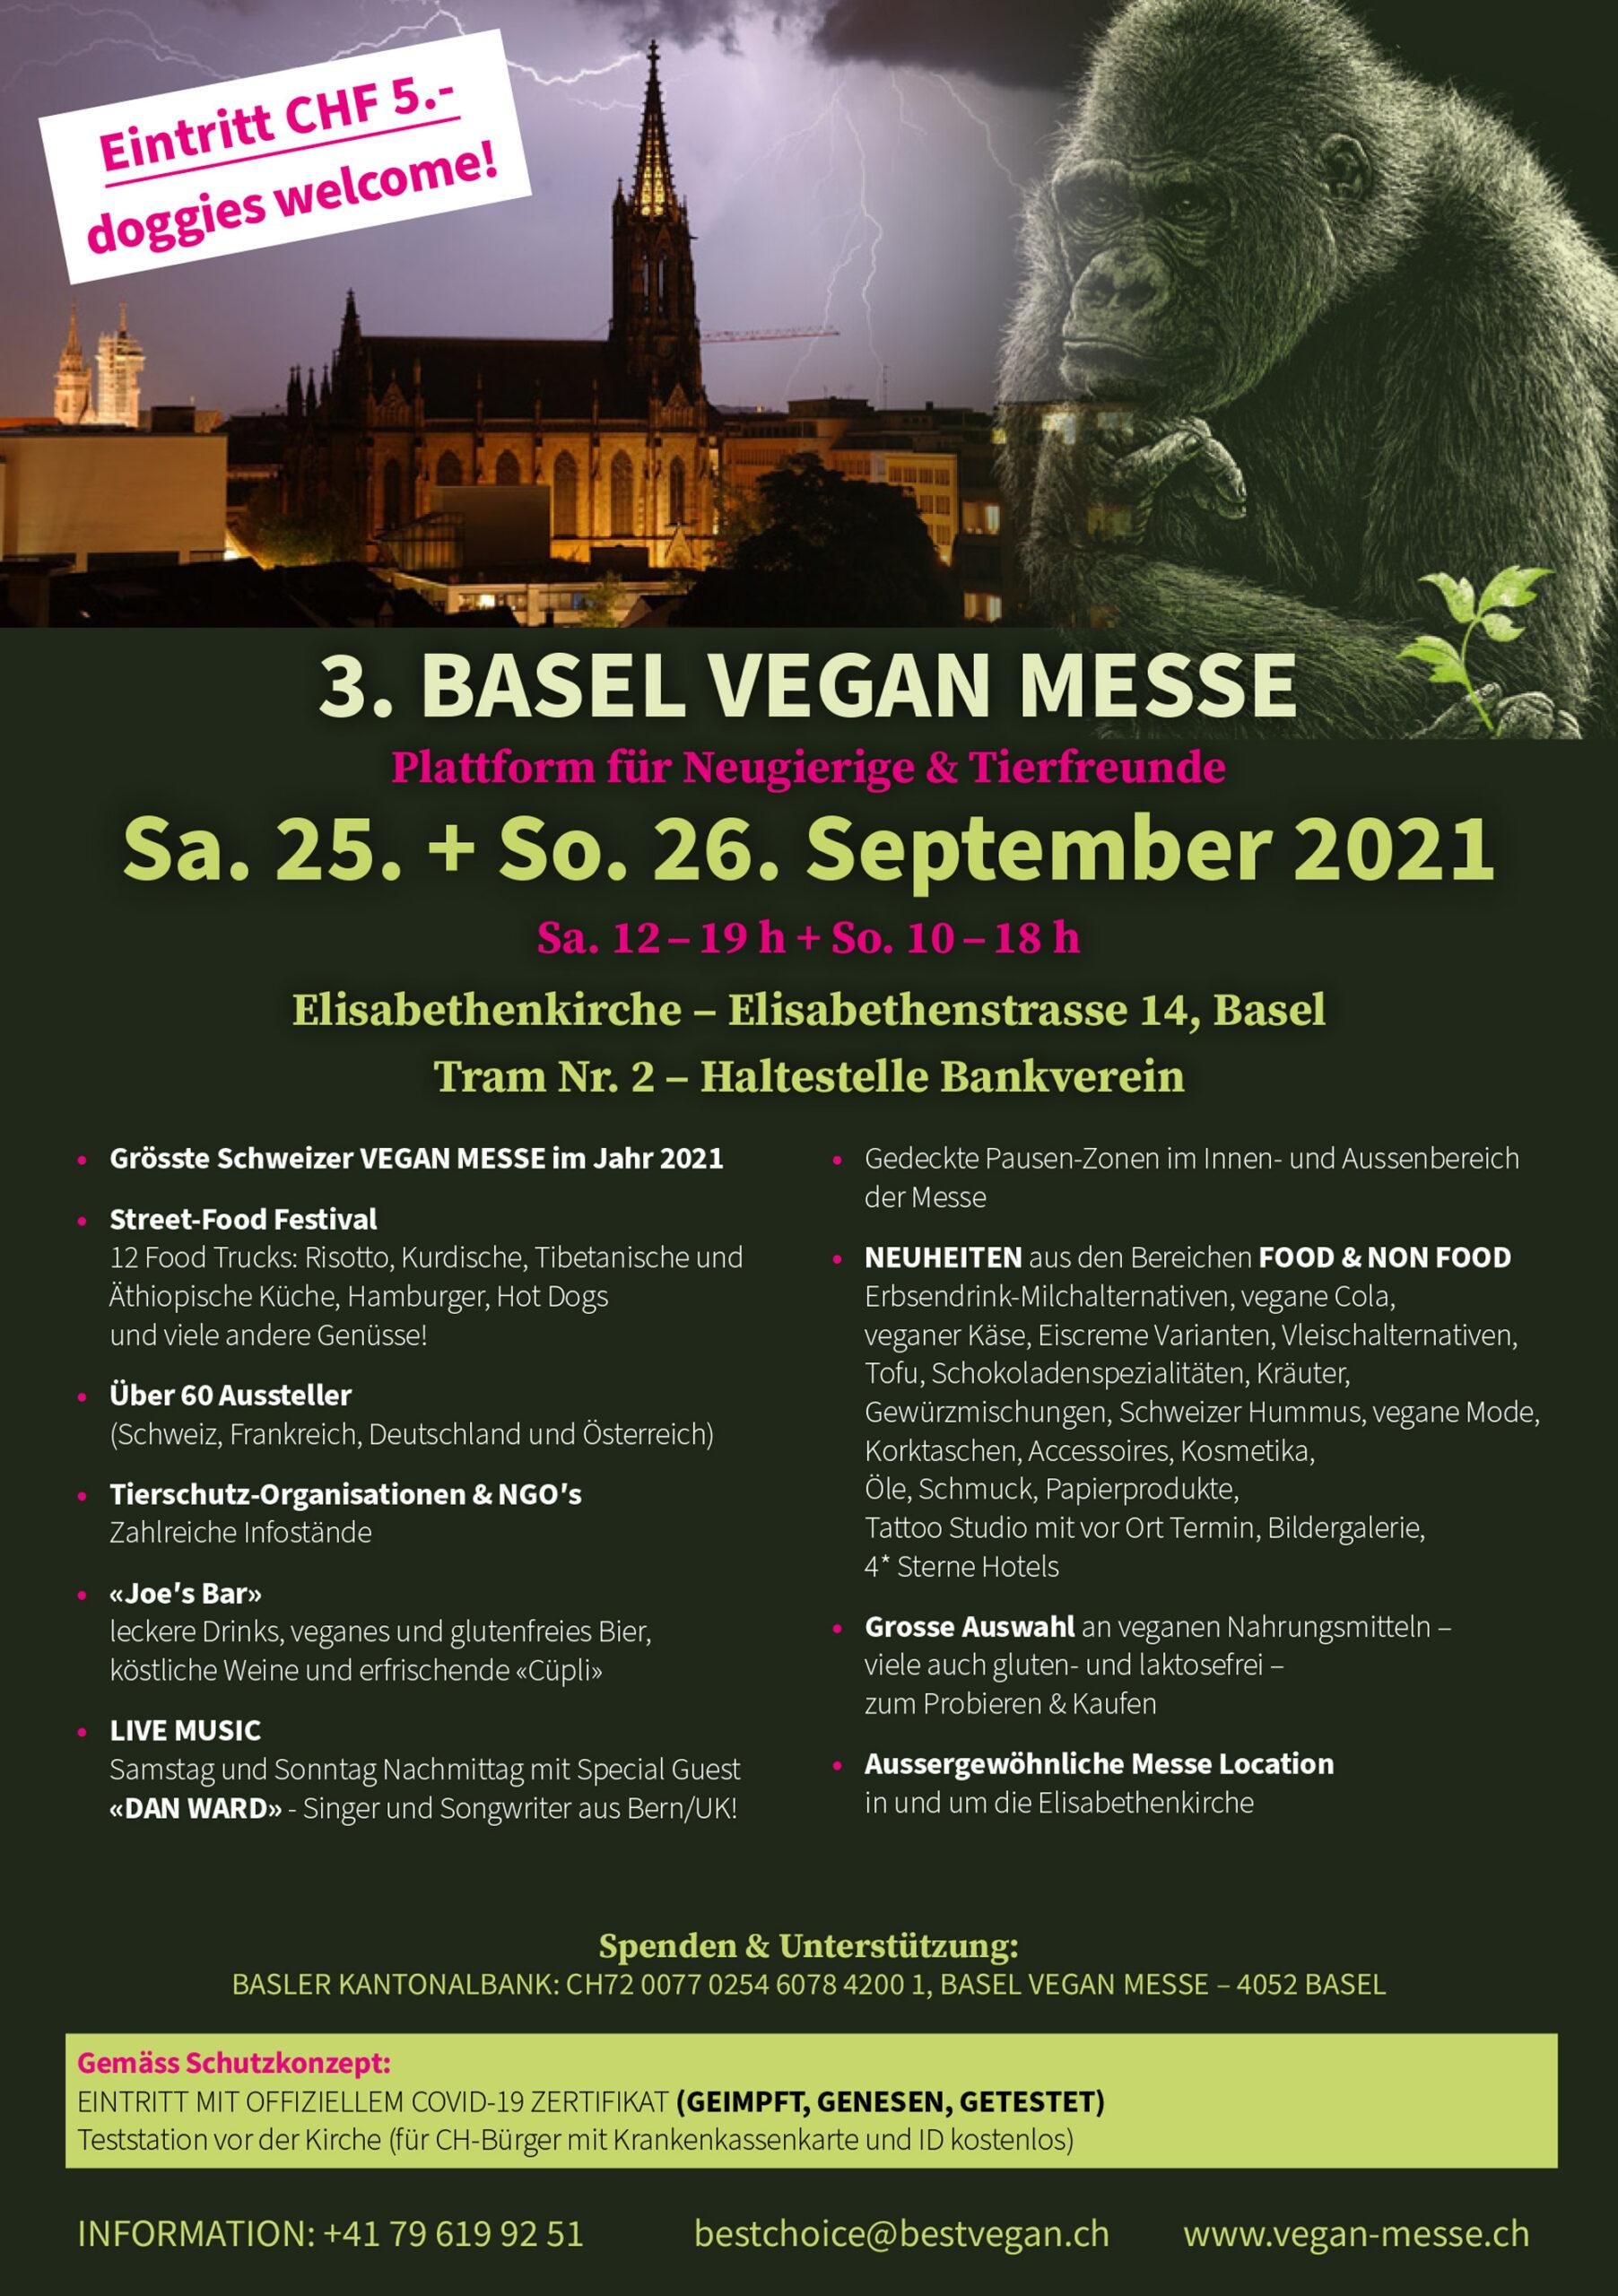 Offizielles Poster der Basel Vegan Messe